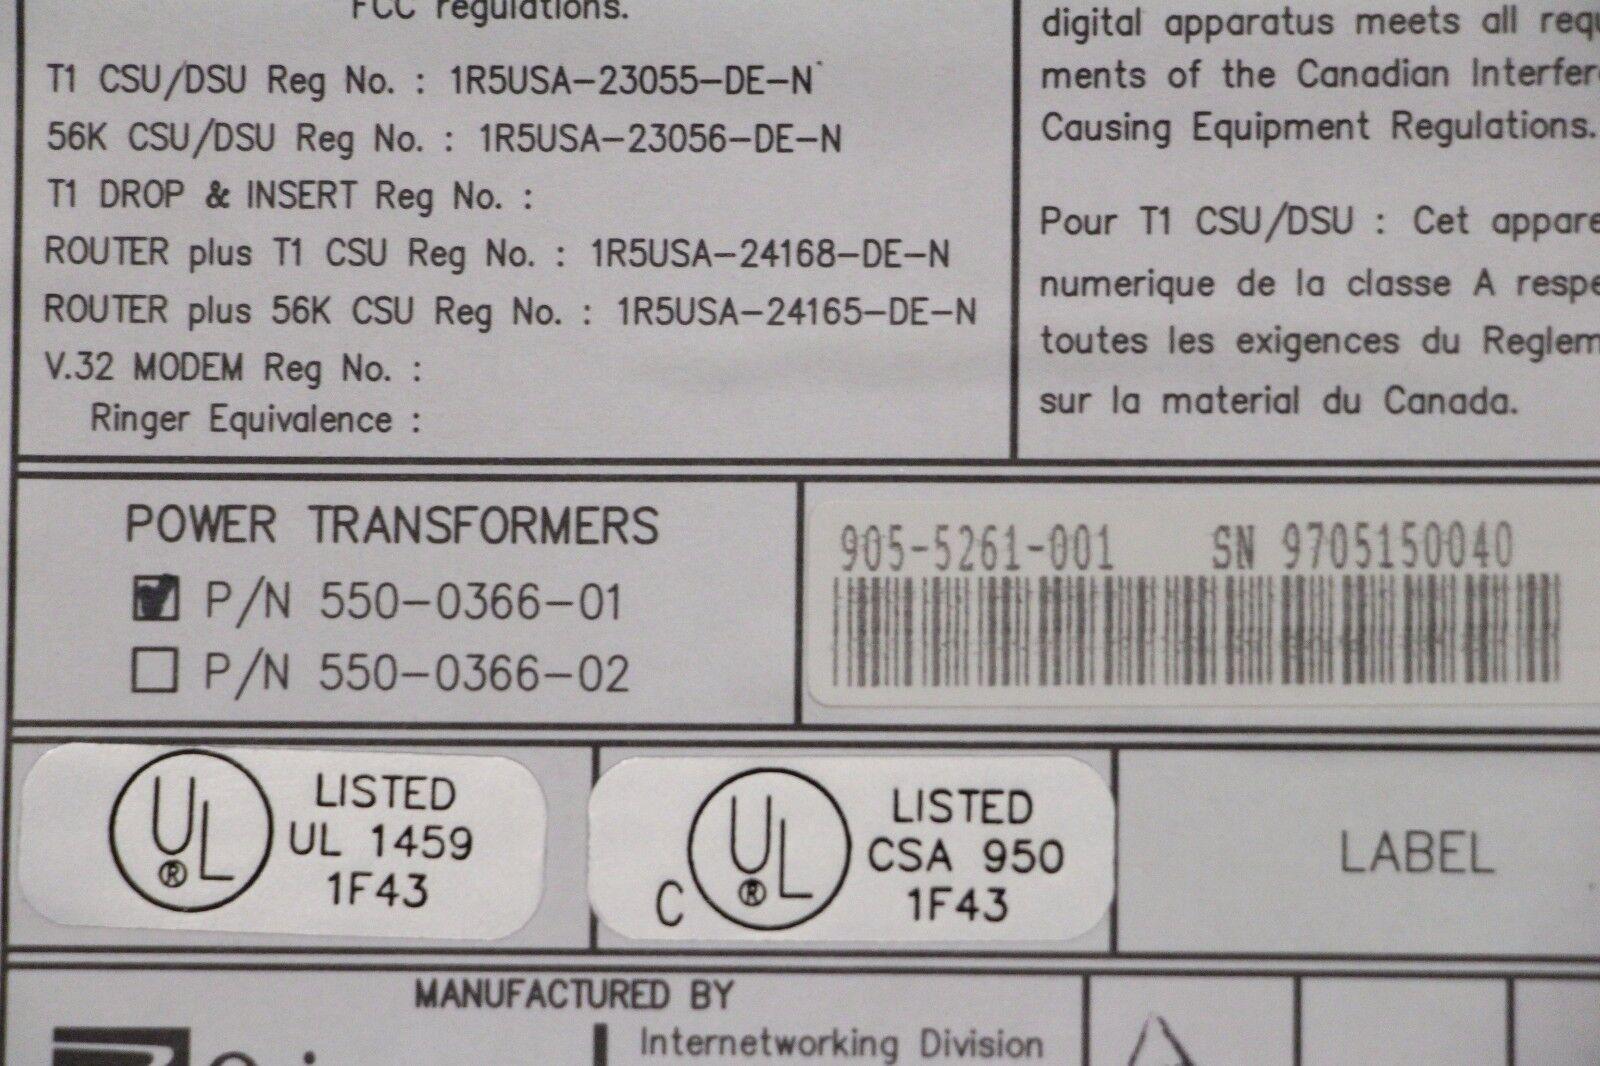 Osicom 4800 Series ROUTERMATE Csu/dsu V.35 Cable - | eBay